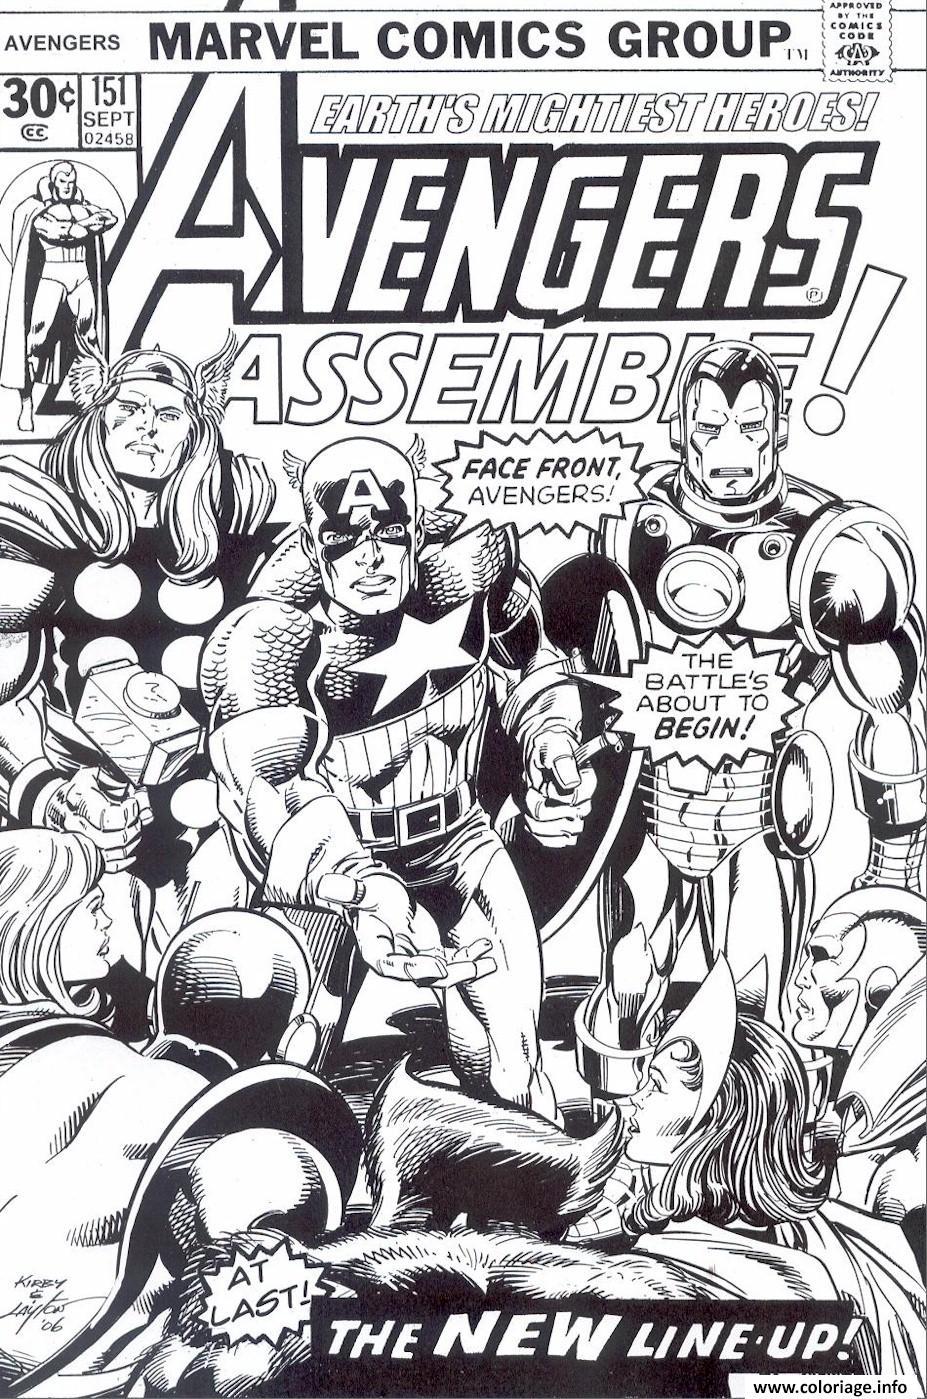 Coloriage avengers marvel comics cover - Comics dessin ...